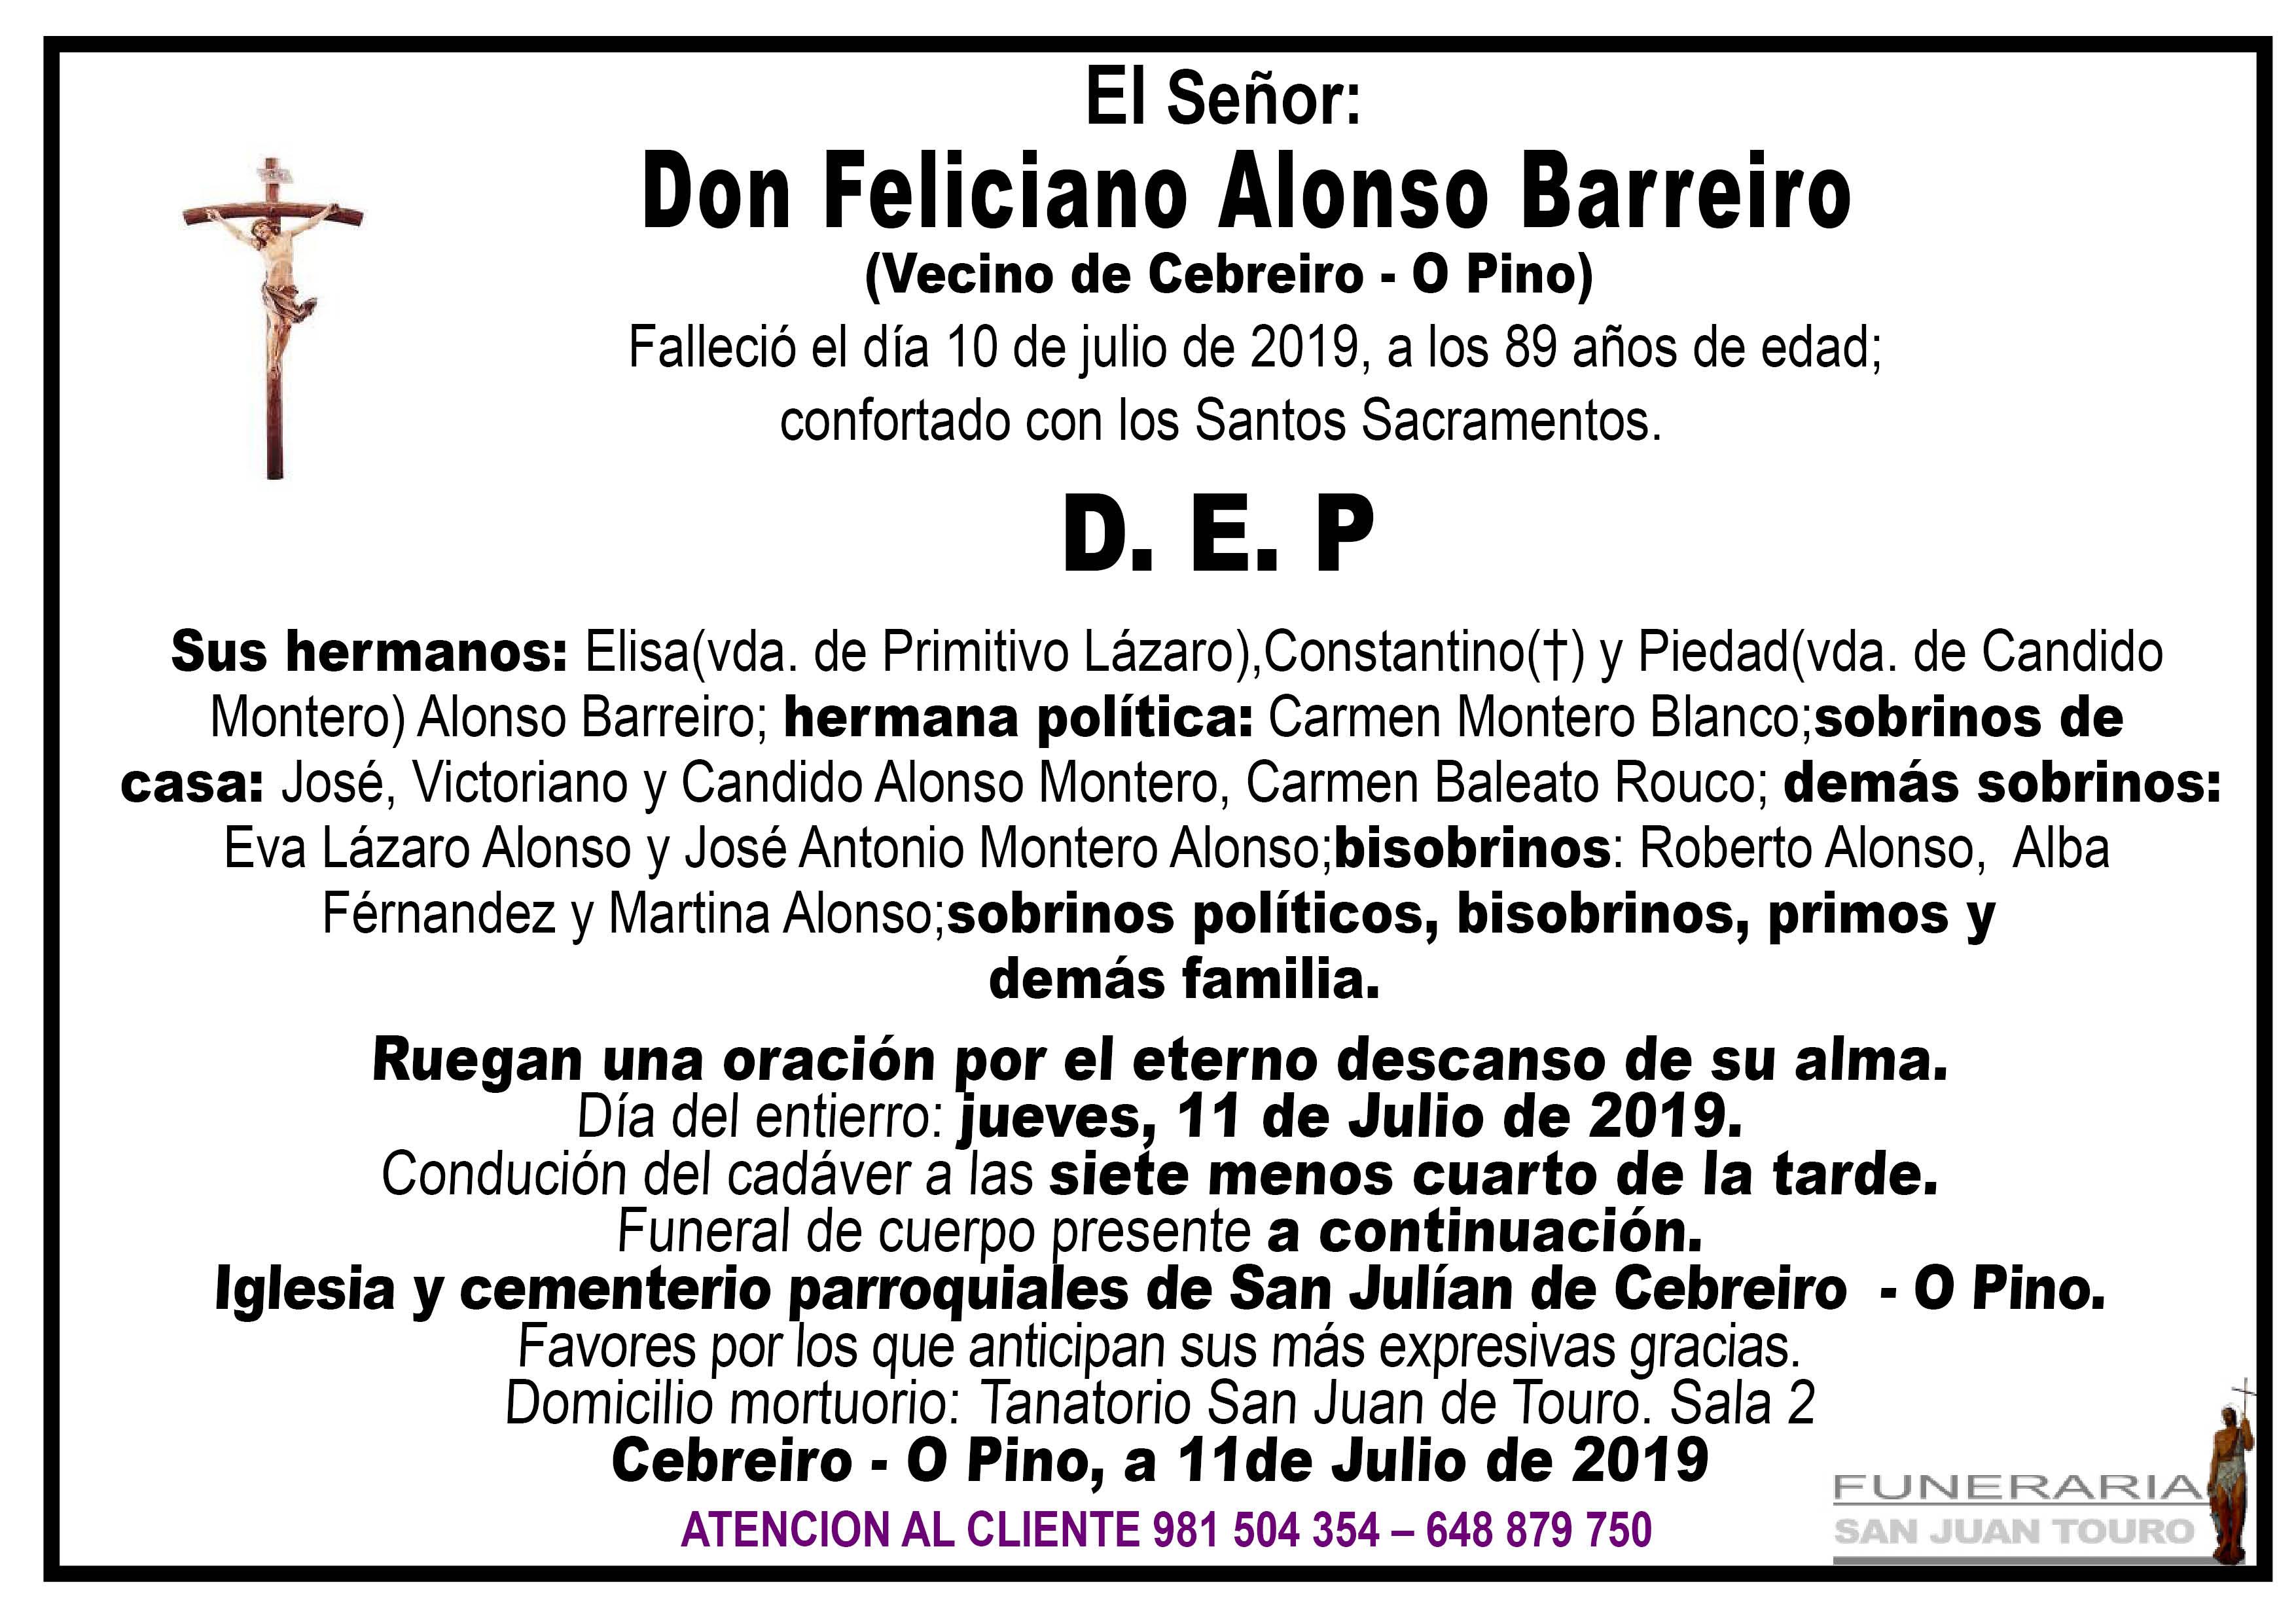 Esquela de SEPELIOP DE DON FELICIANO ALONSO BARREIRO